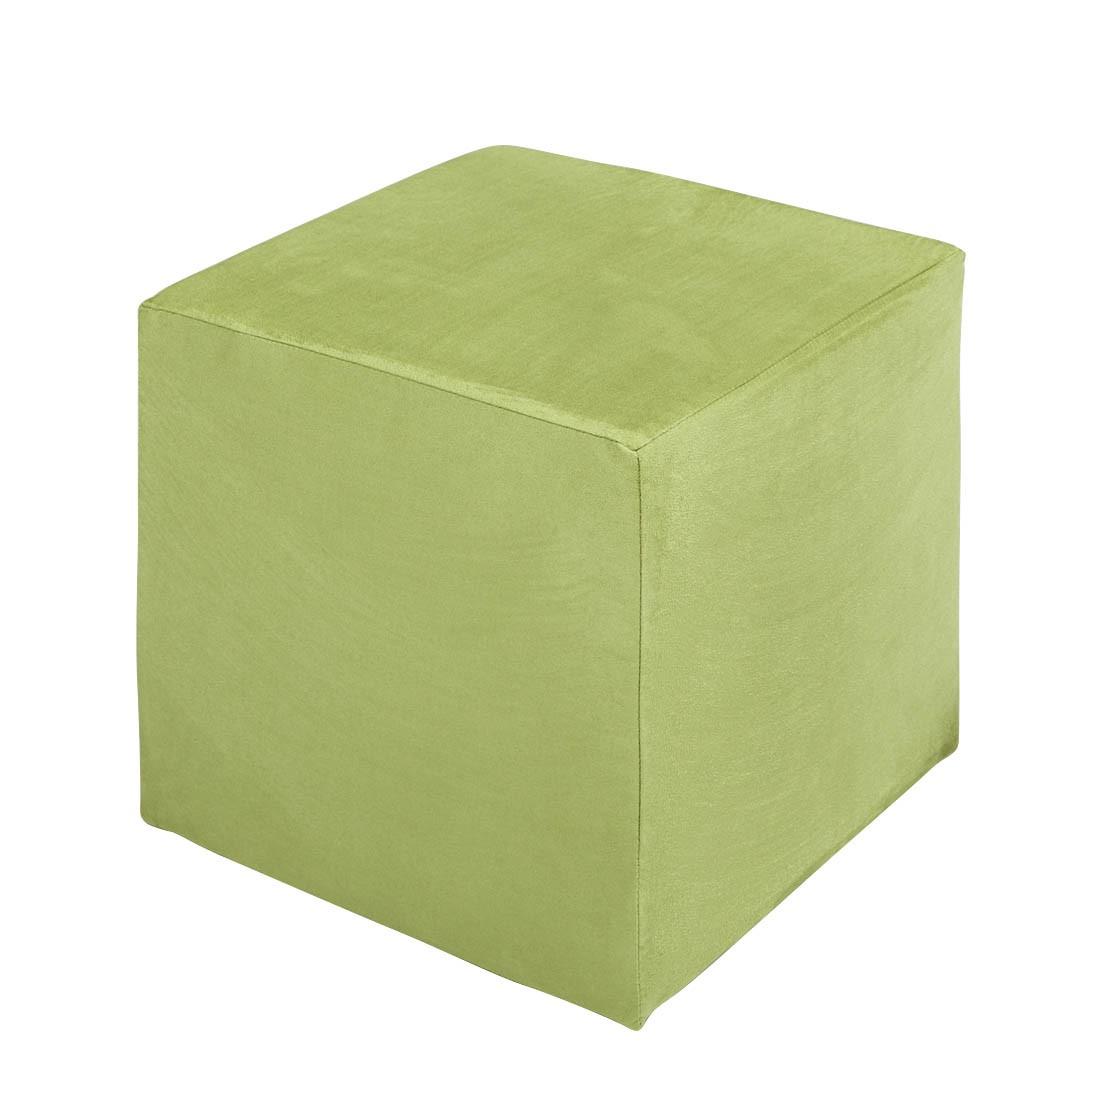 Sitzwürfel Fredrik – Stoff Grün, Fredriks online bestellen